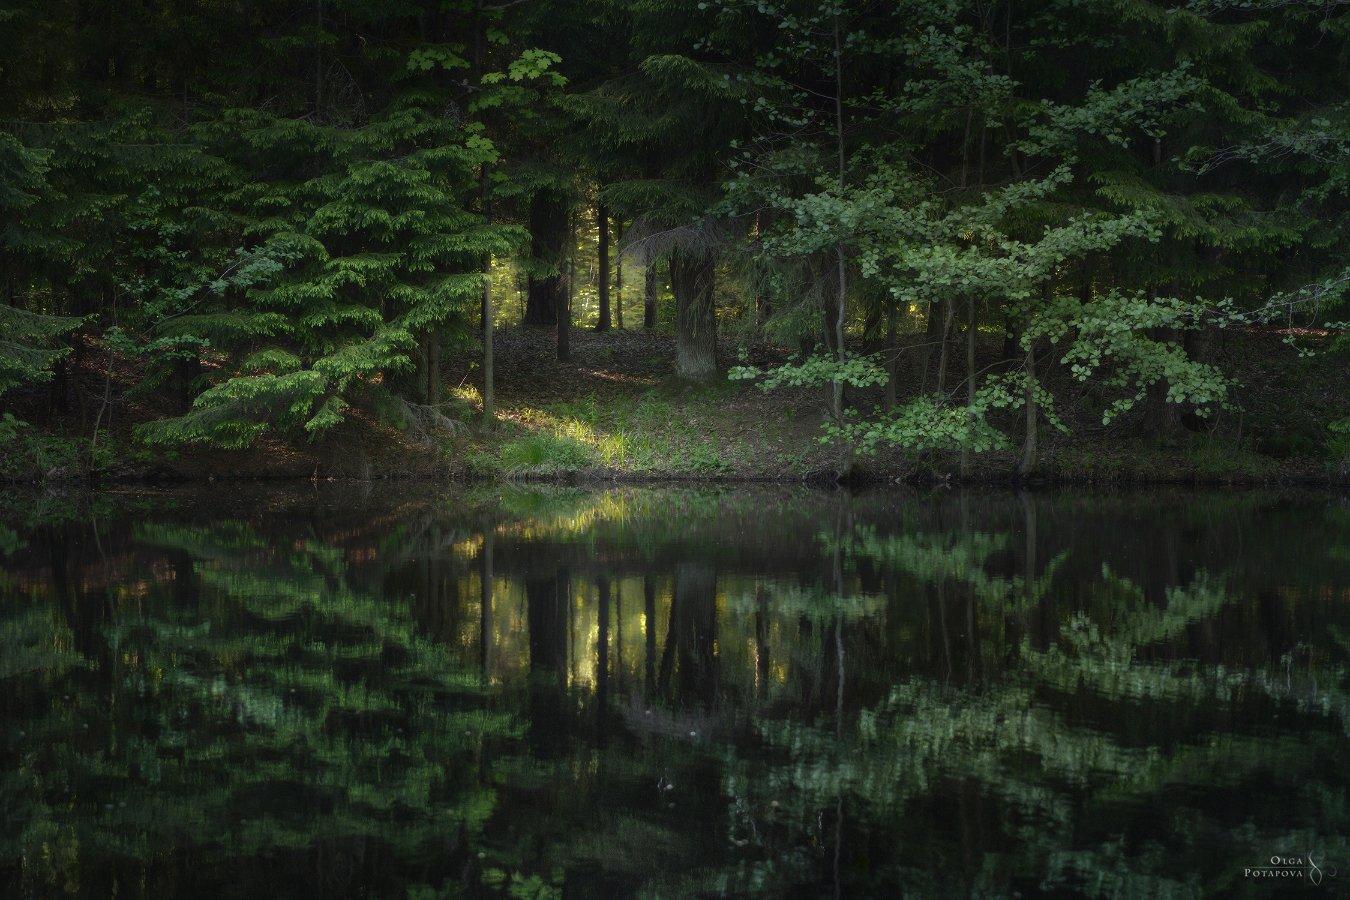 лес, отражение, река, сергиевка, парк, ленинградская область, кристателька, Ольга Потапова